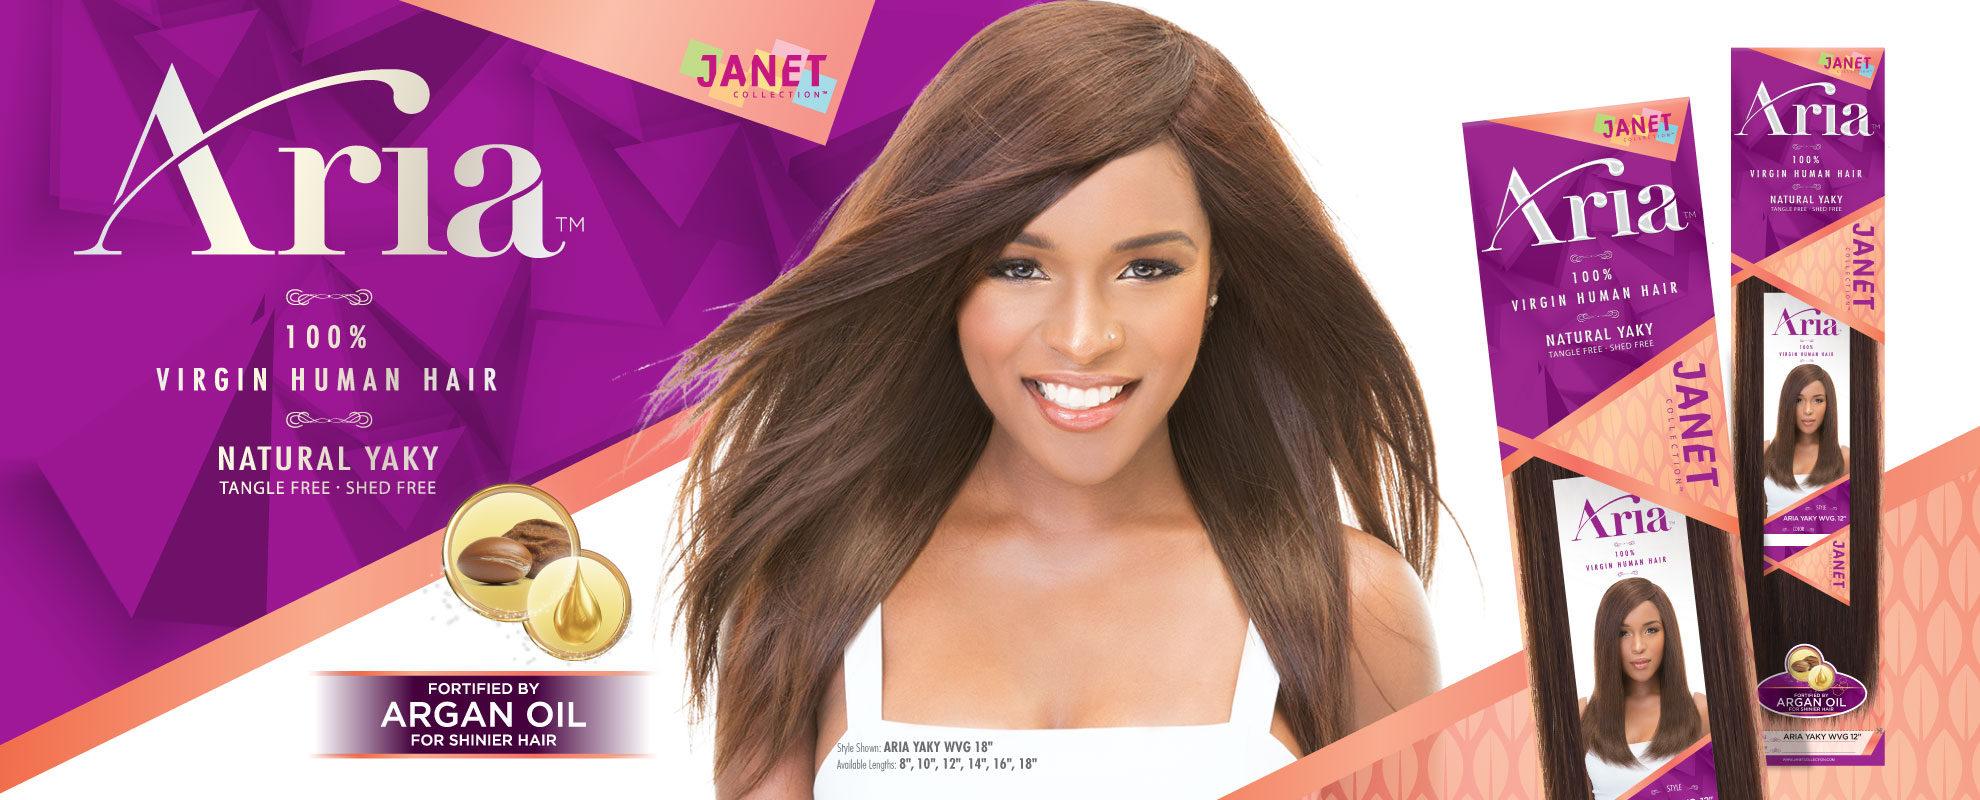 Janet 100 Virgin Human Hair Aria Weaving Buy 1 Get 1 Free